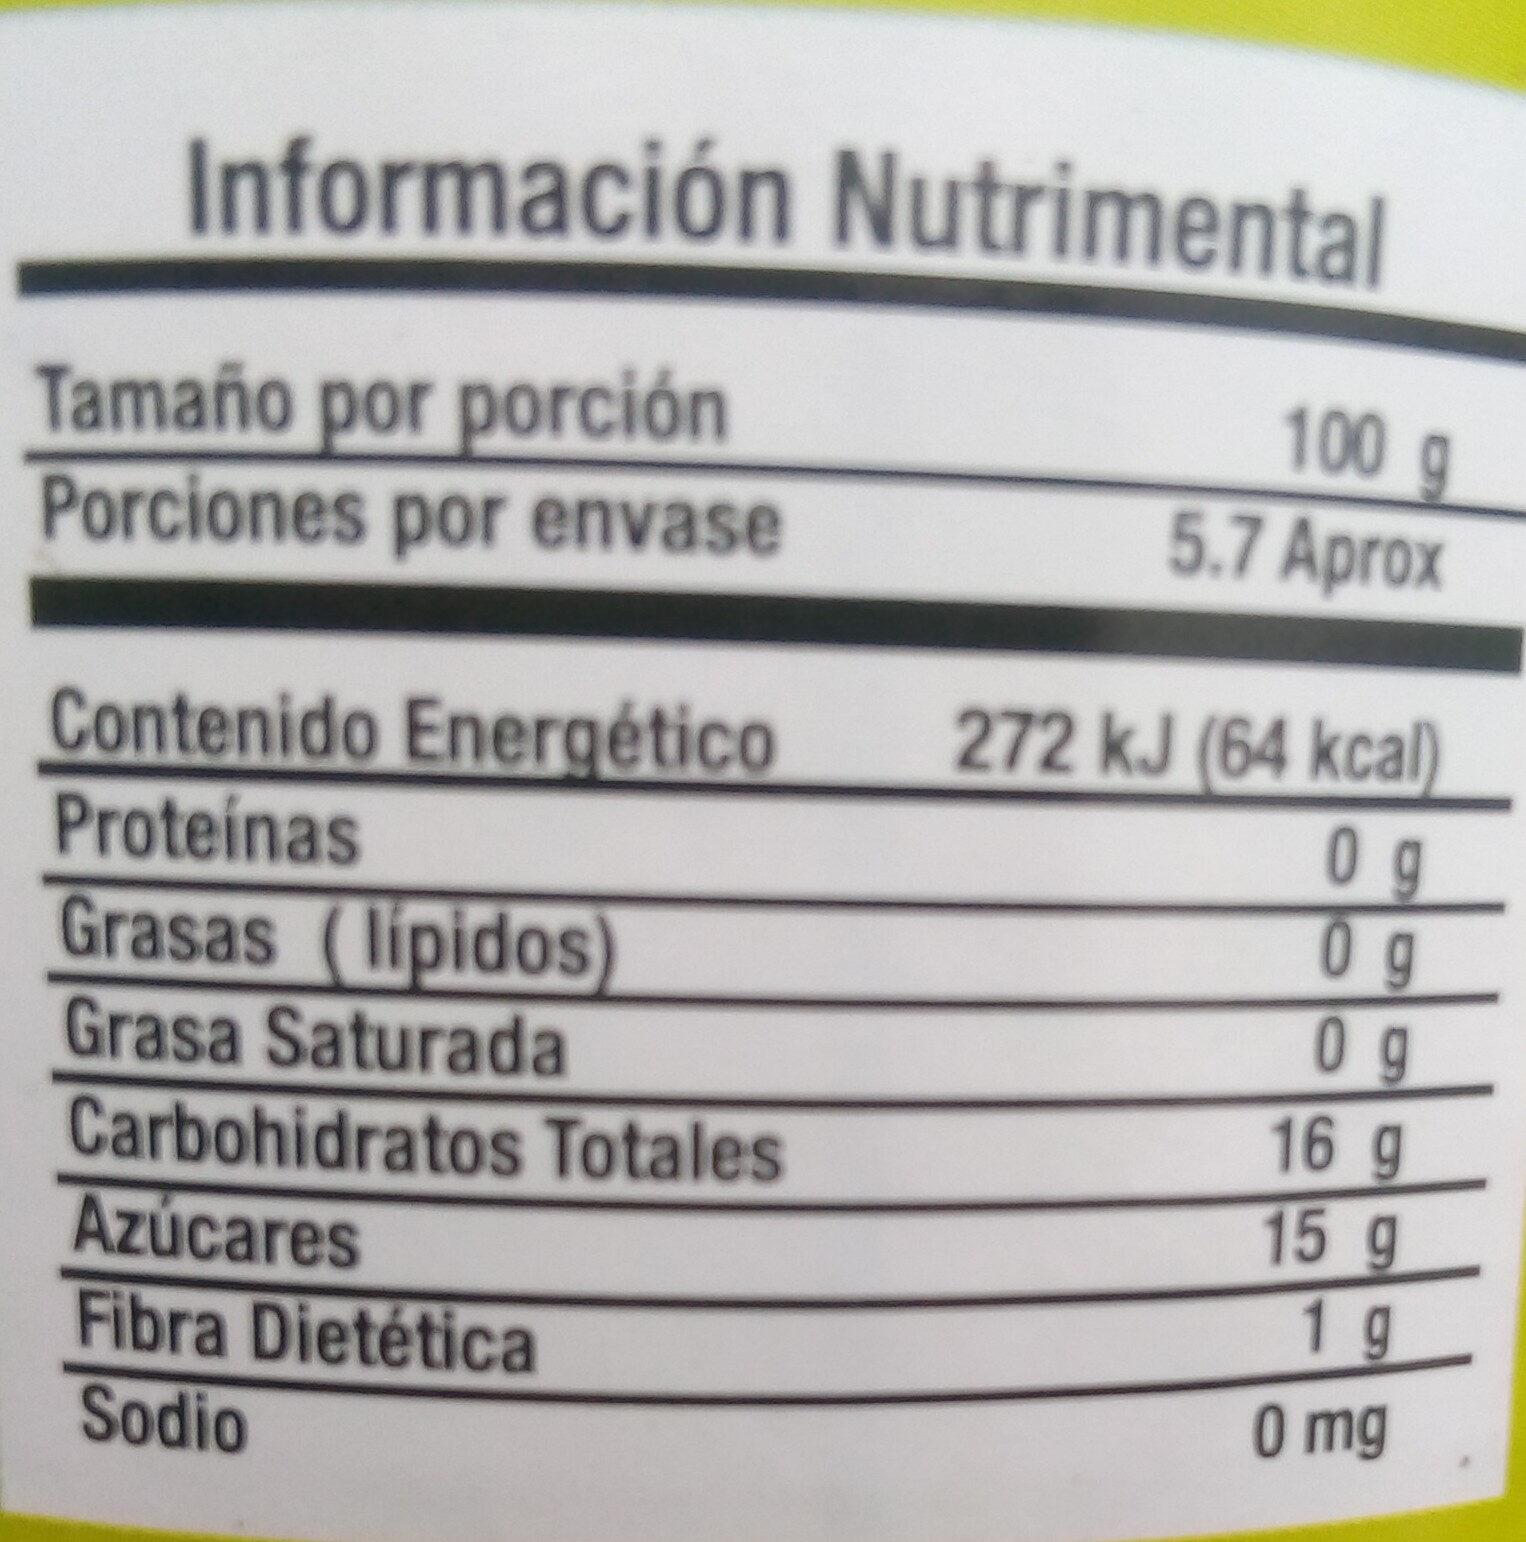 Piña en rebanadas en almíbar - Informations nutritionnelles - es